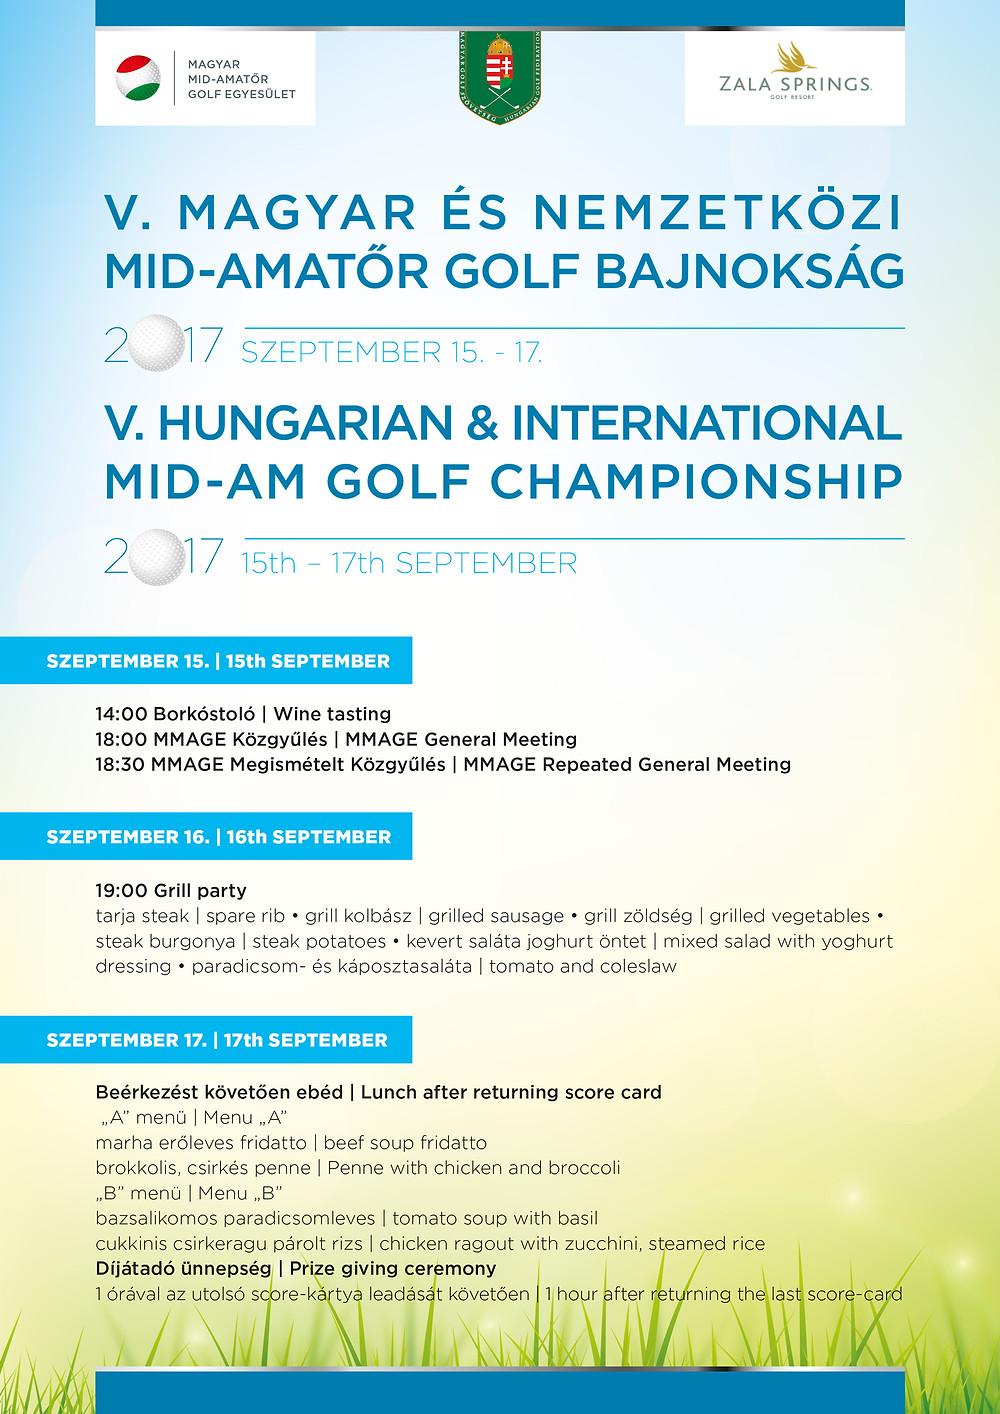 Mid-Amatőr Golfbajnokság napi programja